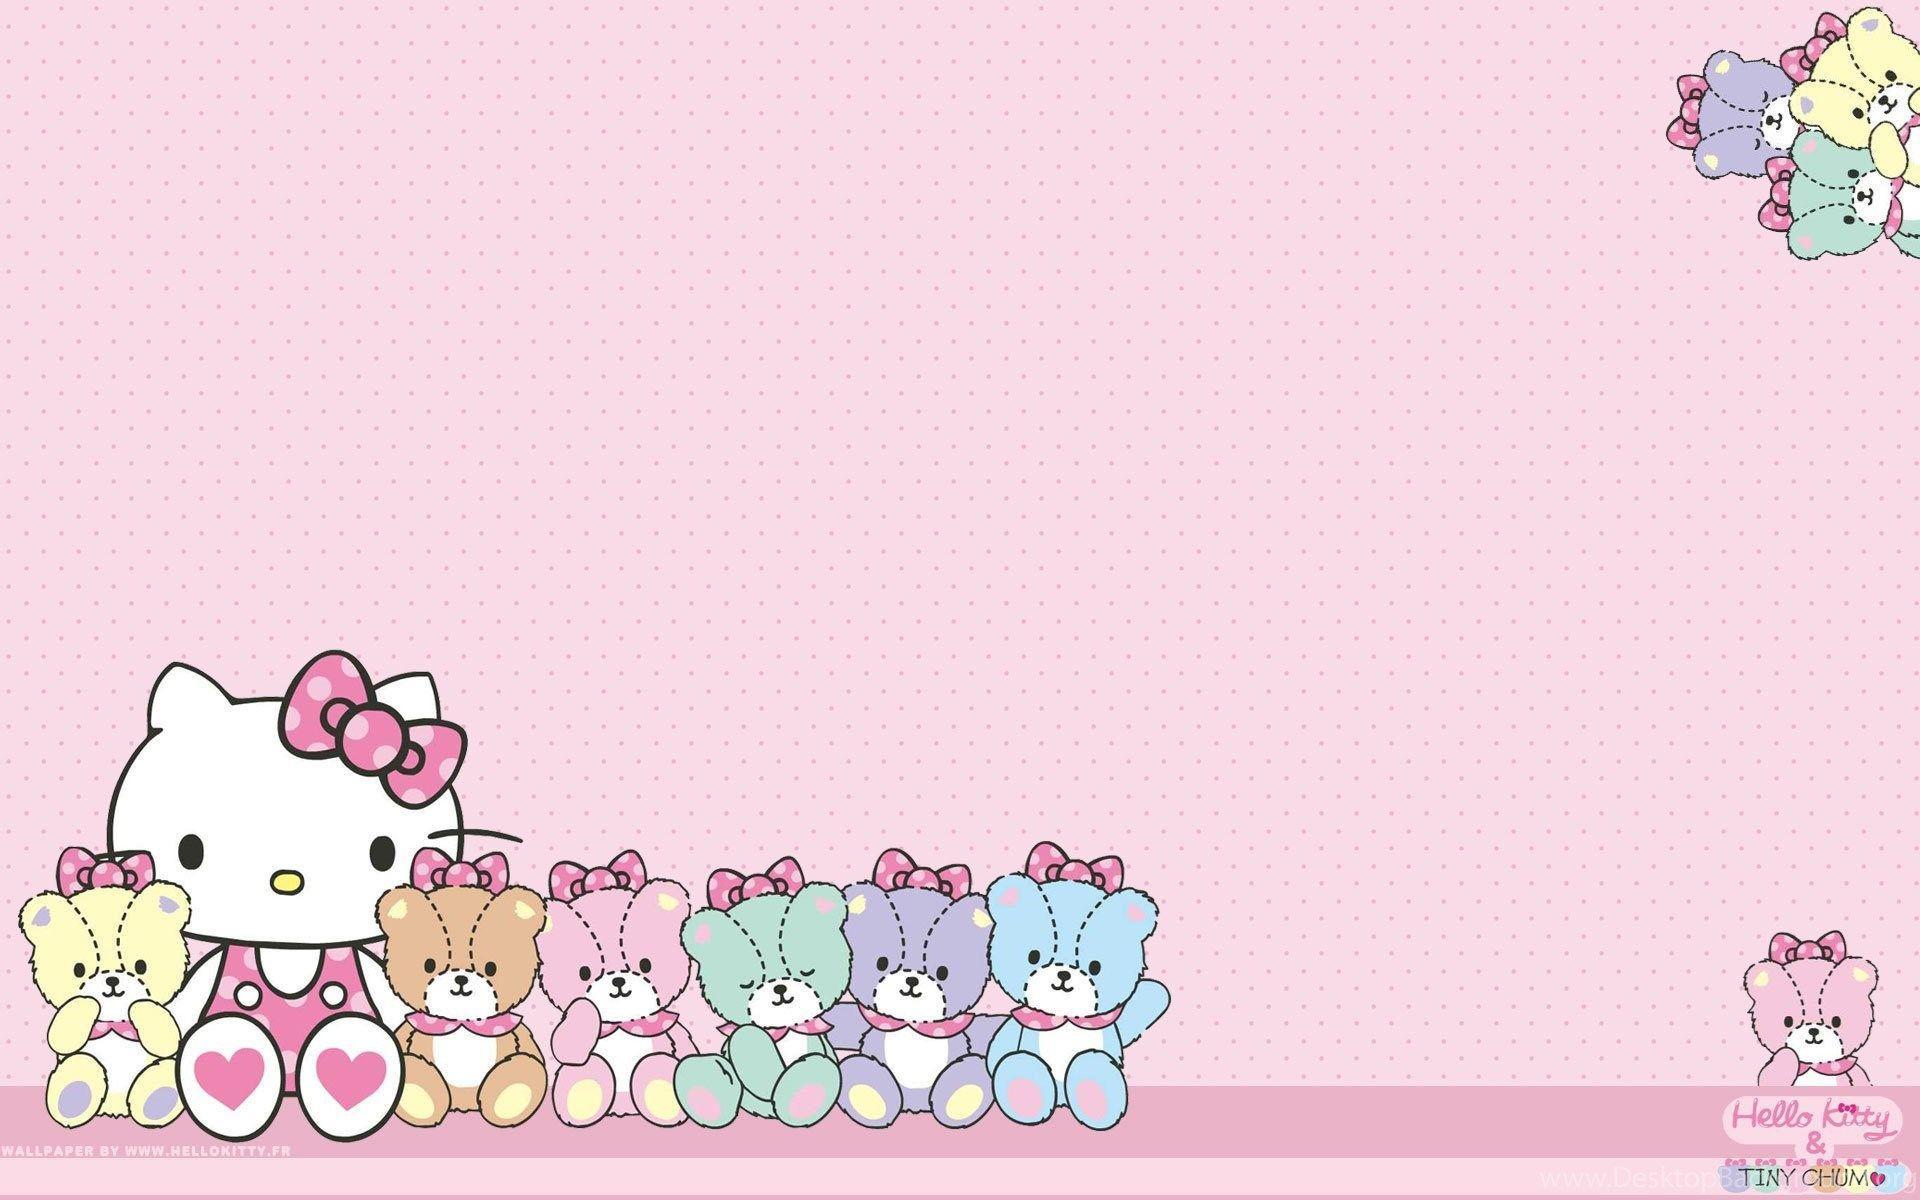 Sanrio Desktop Wallpapers Top Free Sanrio Desktop Backgrounds